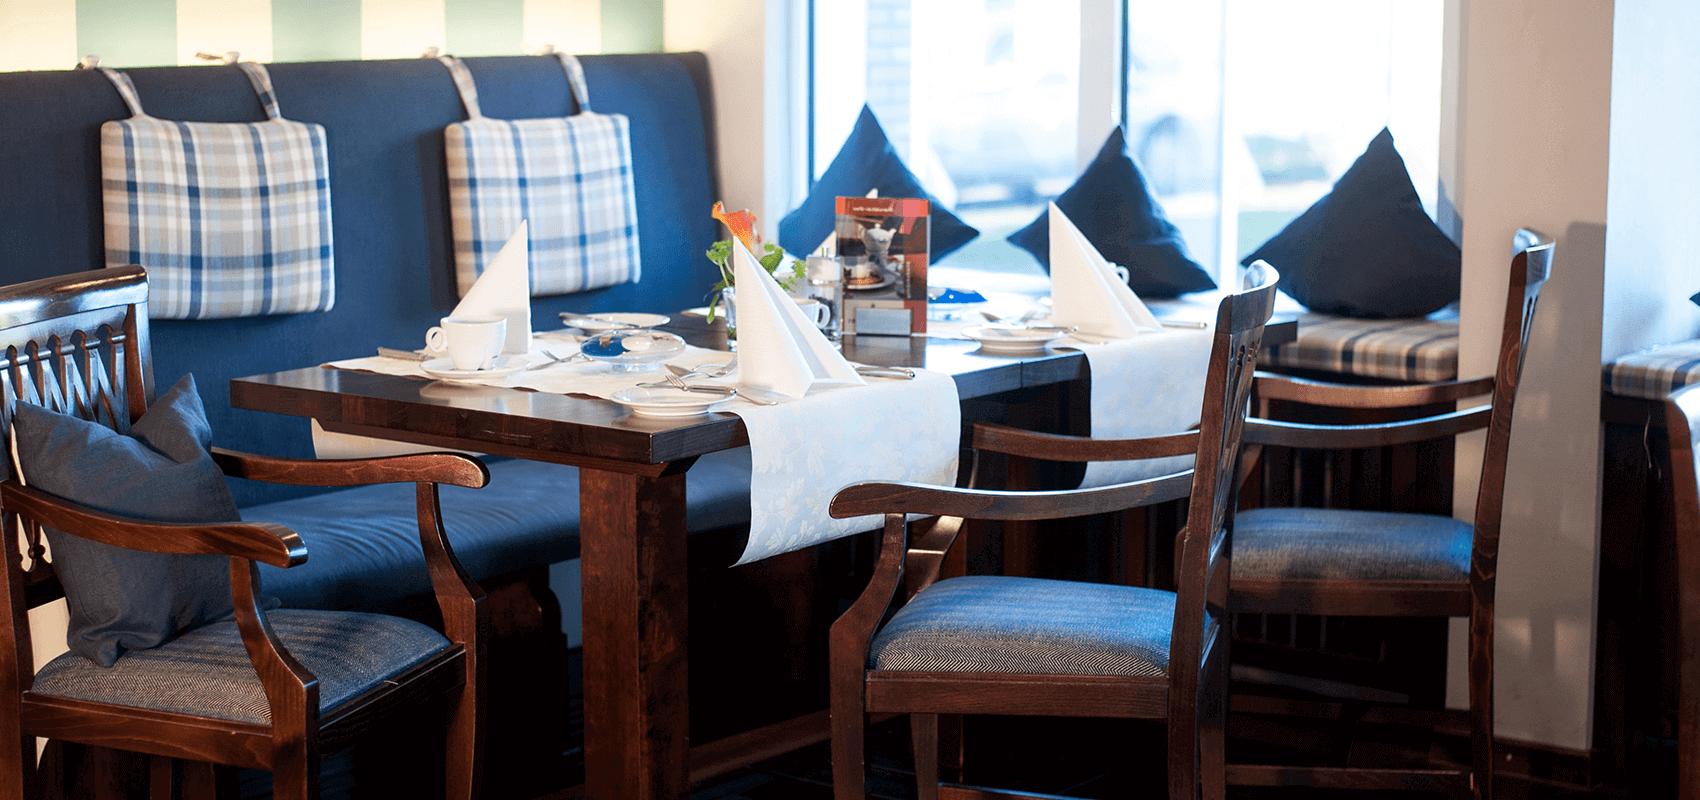 Hotel Regina Maris, Norden-Norddeich, Nordsee, Ostfriesland, störtebeker's,